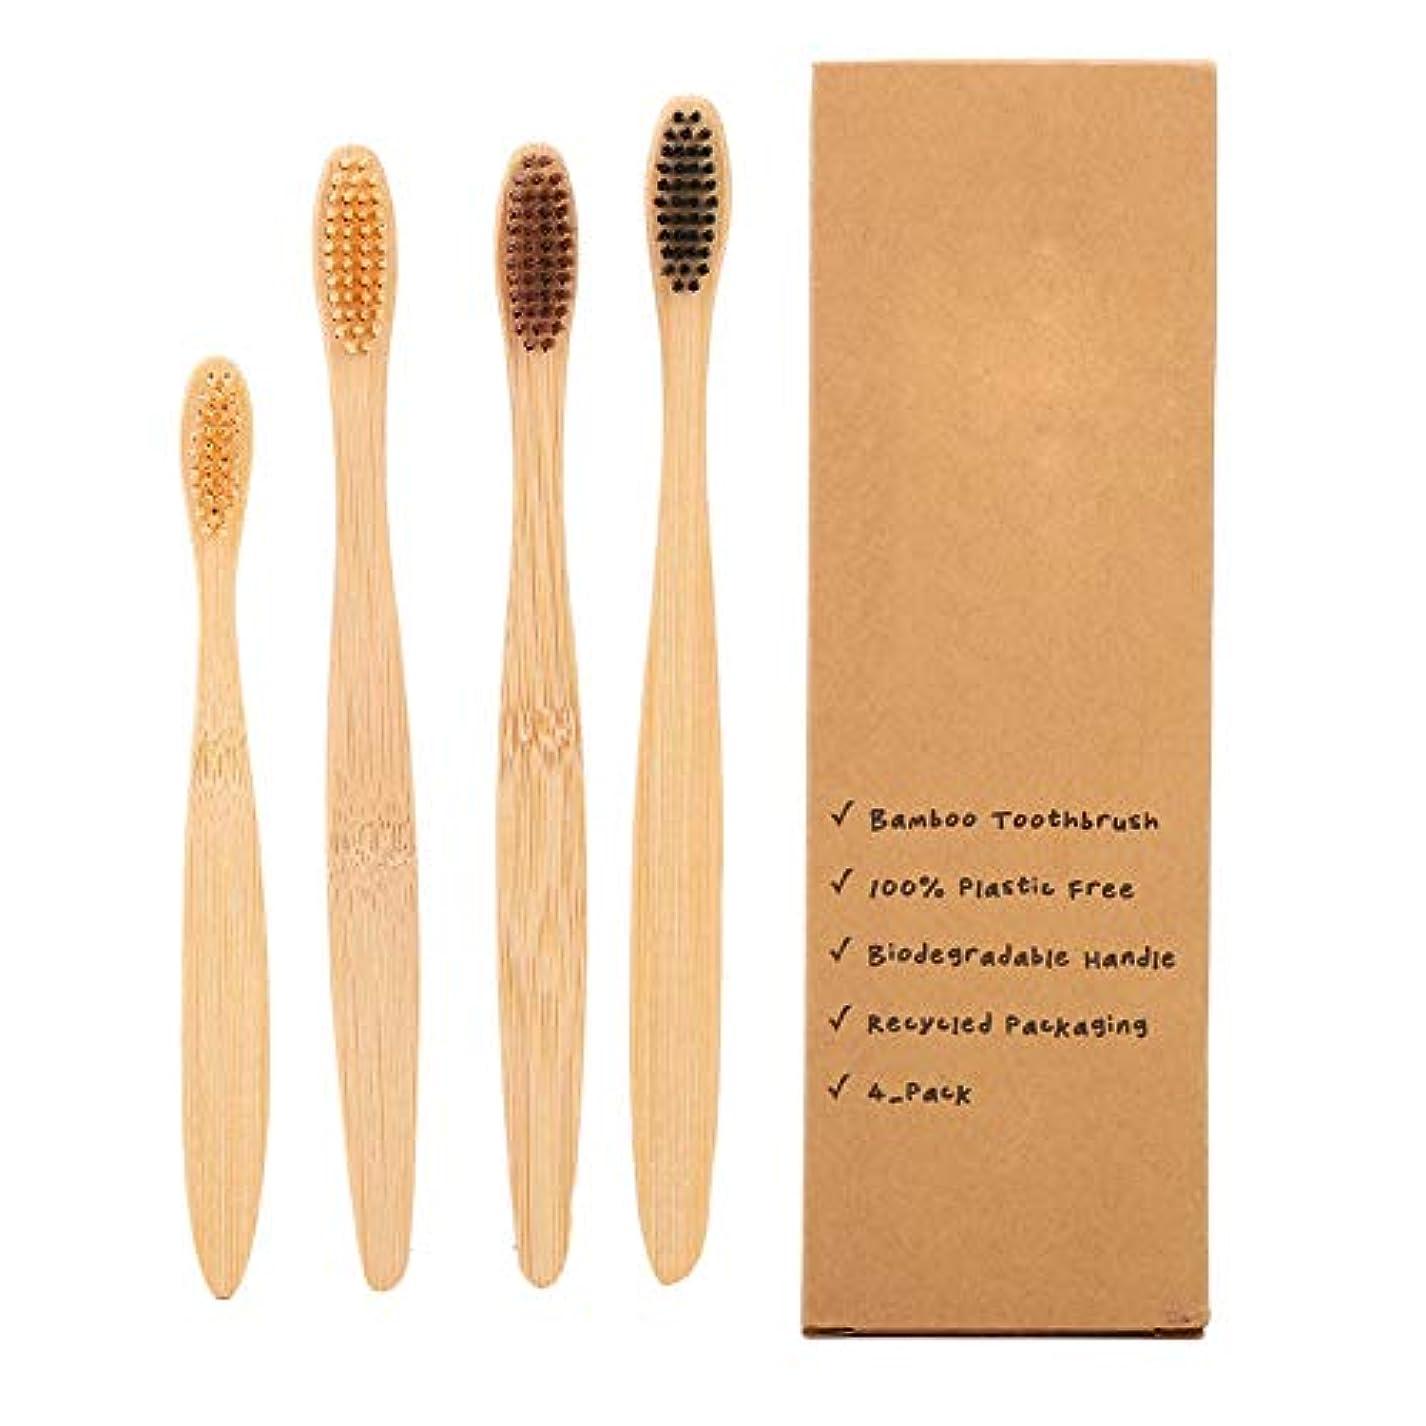 右労苦基本的な柔らかい歯ブラシ、4本の柔らかい毛の木の歯ブラシディープクリーニング環境に優しい歯ブラシ歯ケアツール